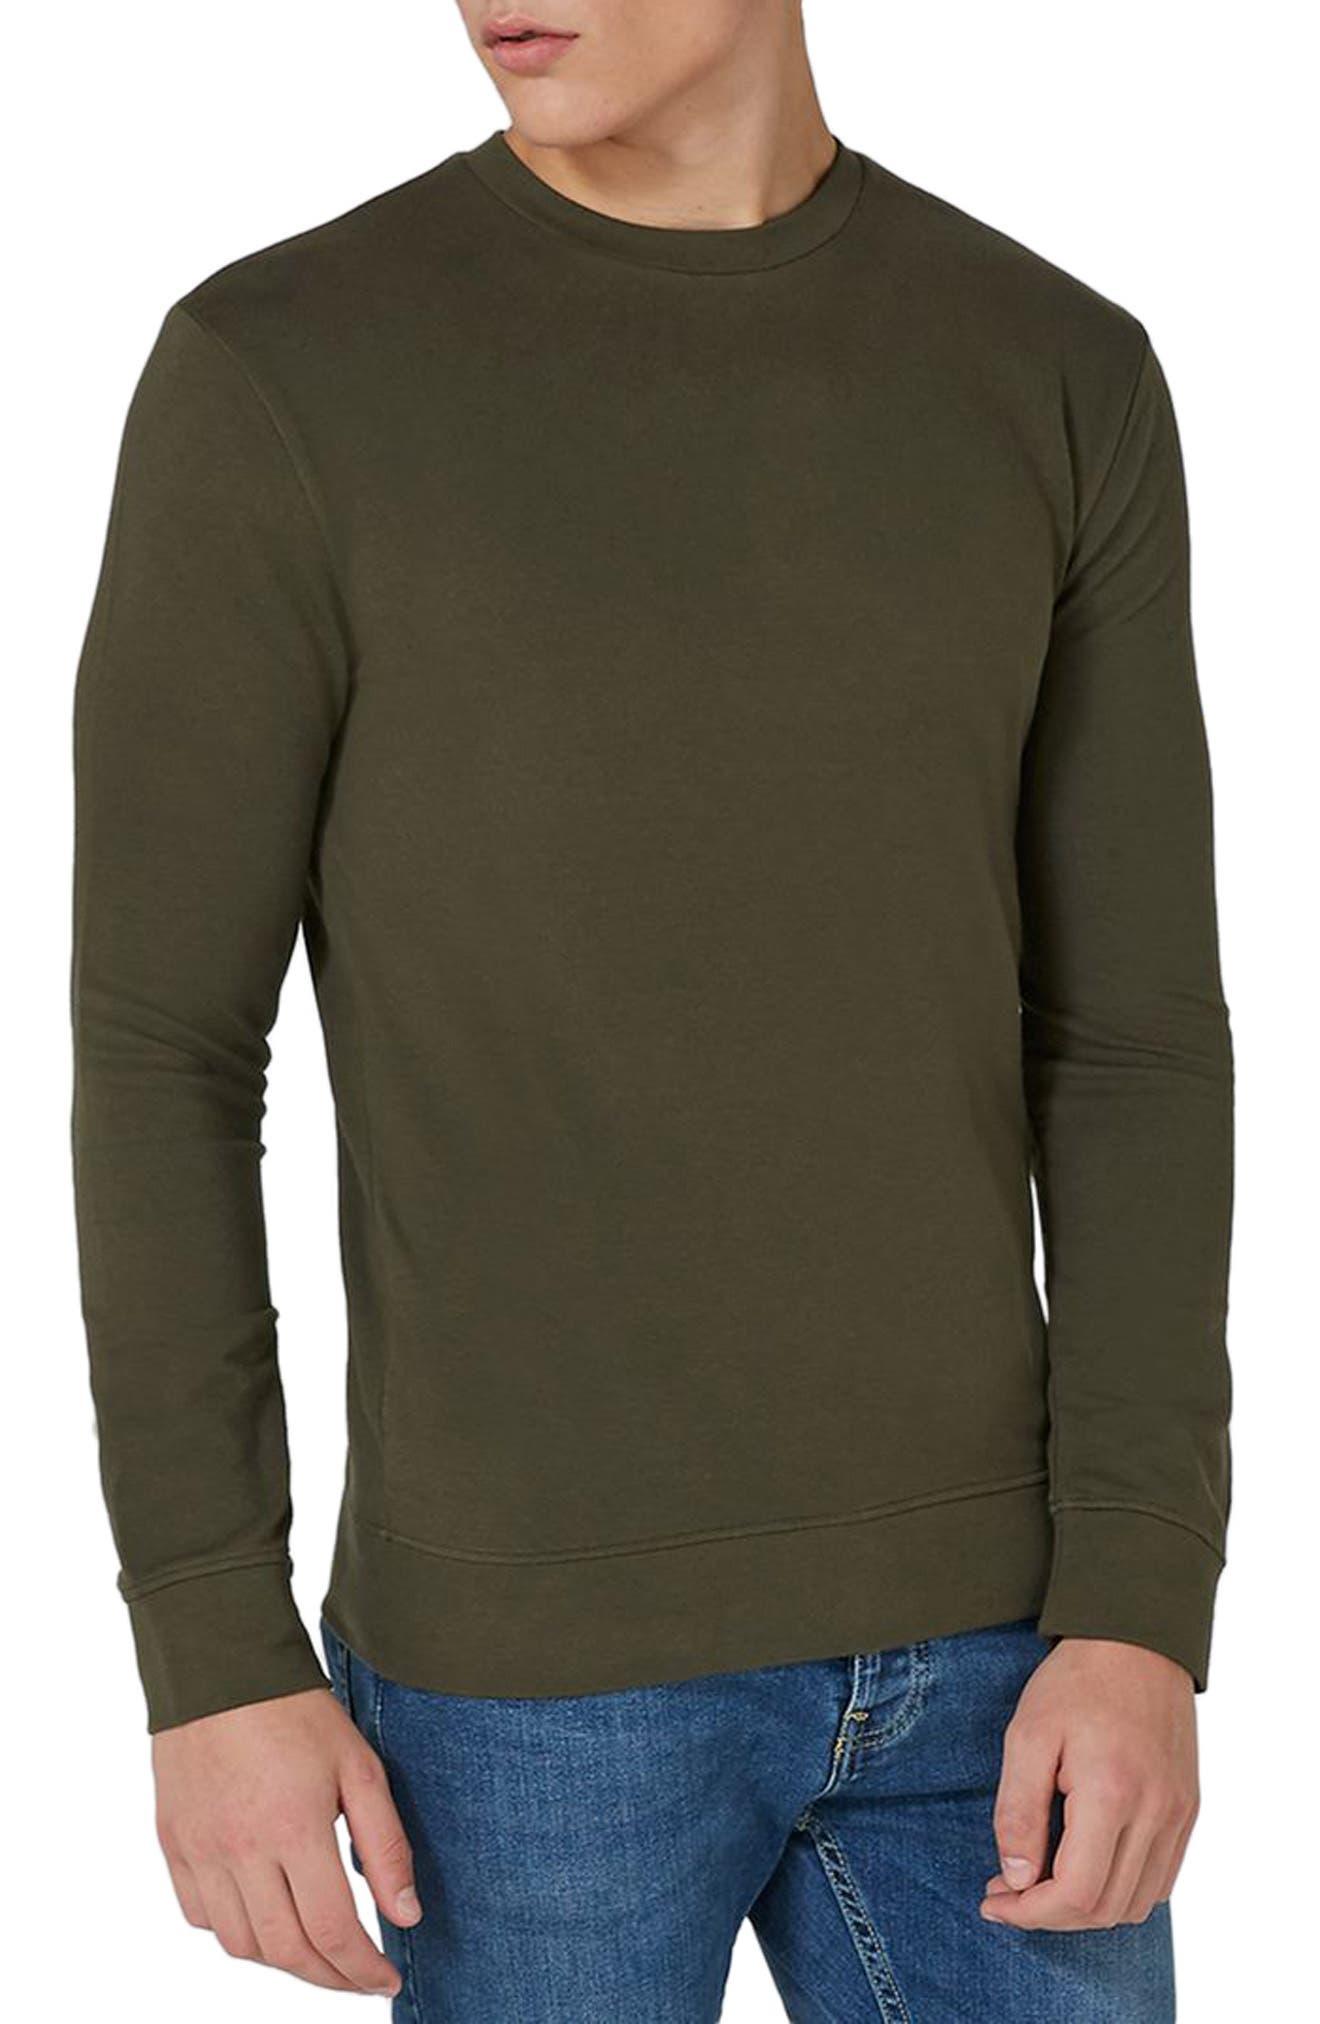 Topman Ultra Muscle Fit Sweatshirt